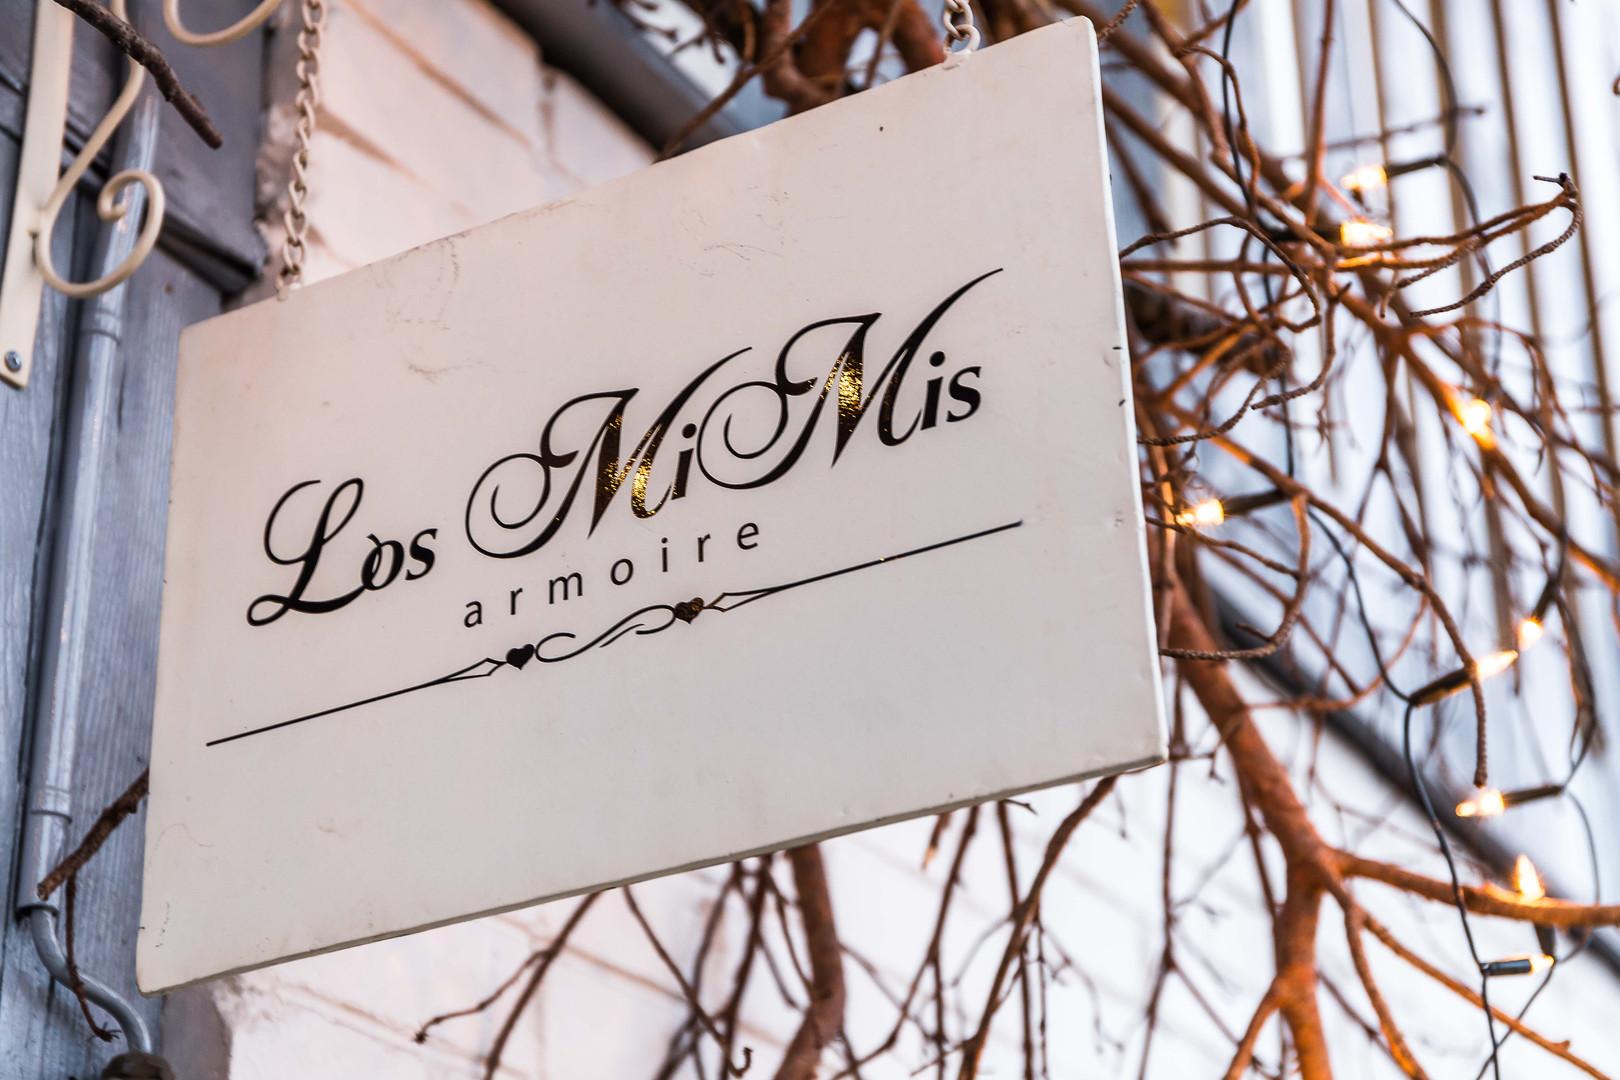 2019 Los Mimis Armoir, Website 65.JPG